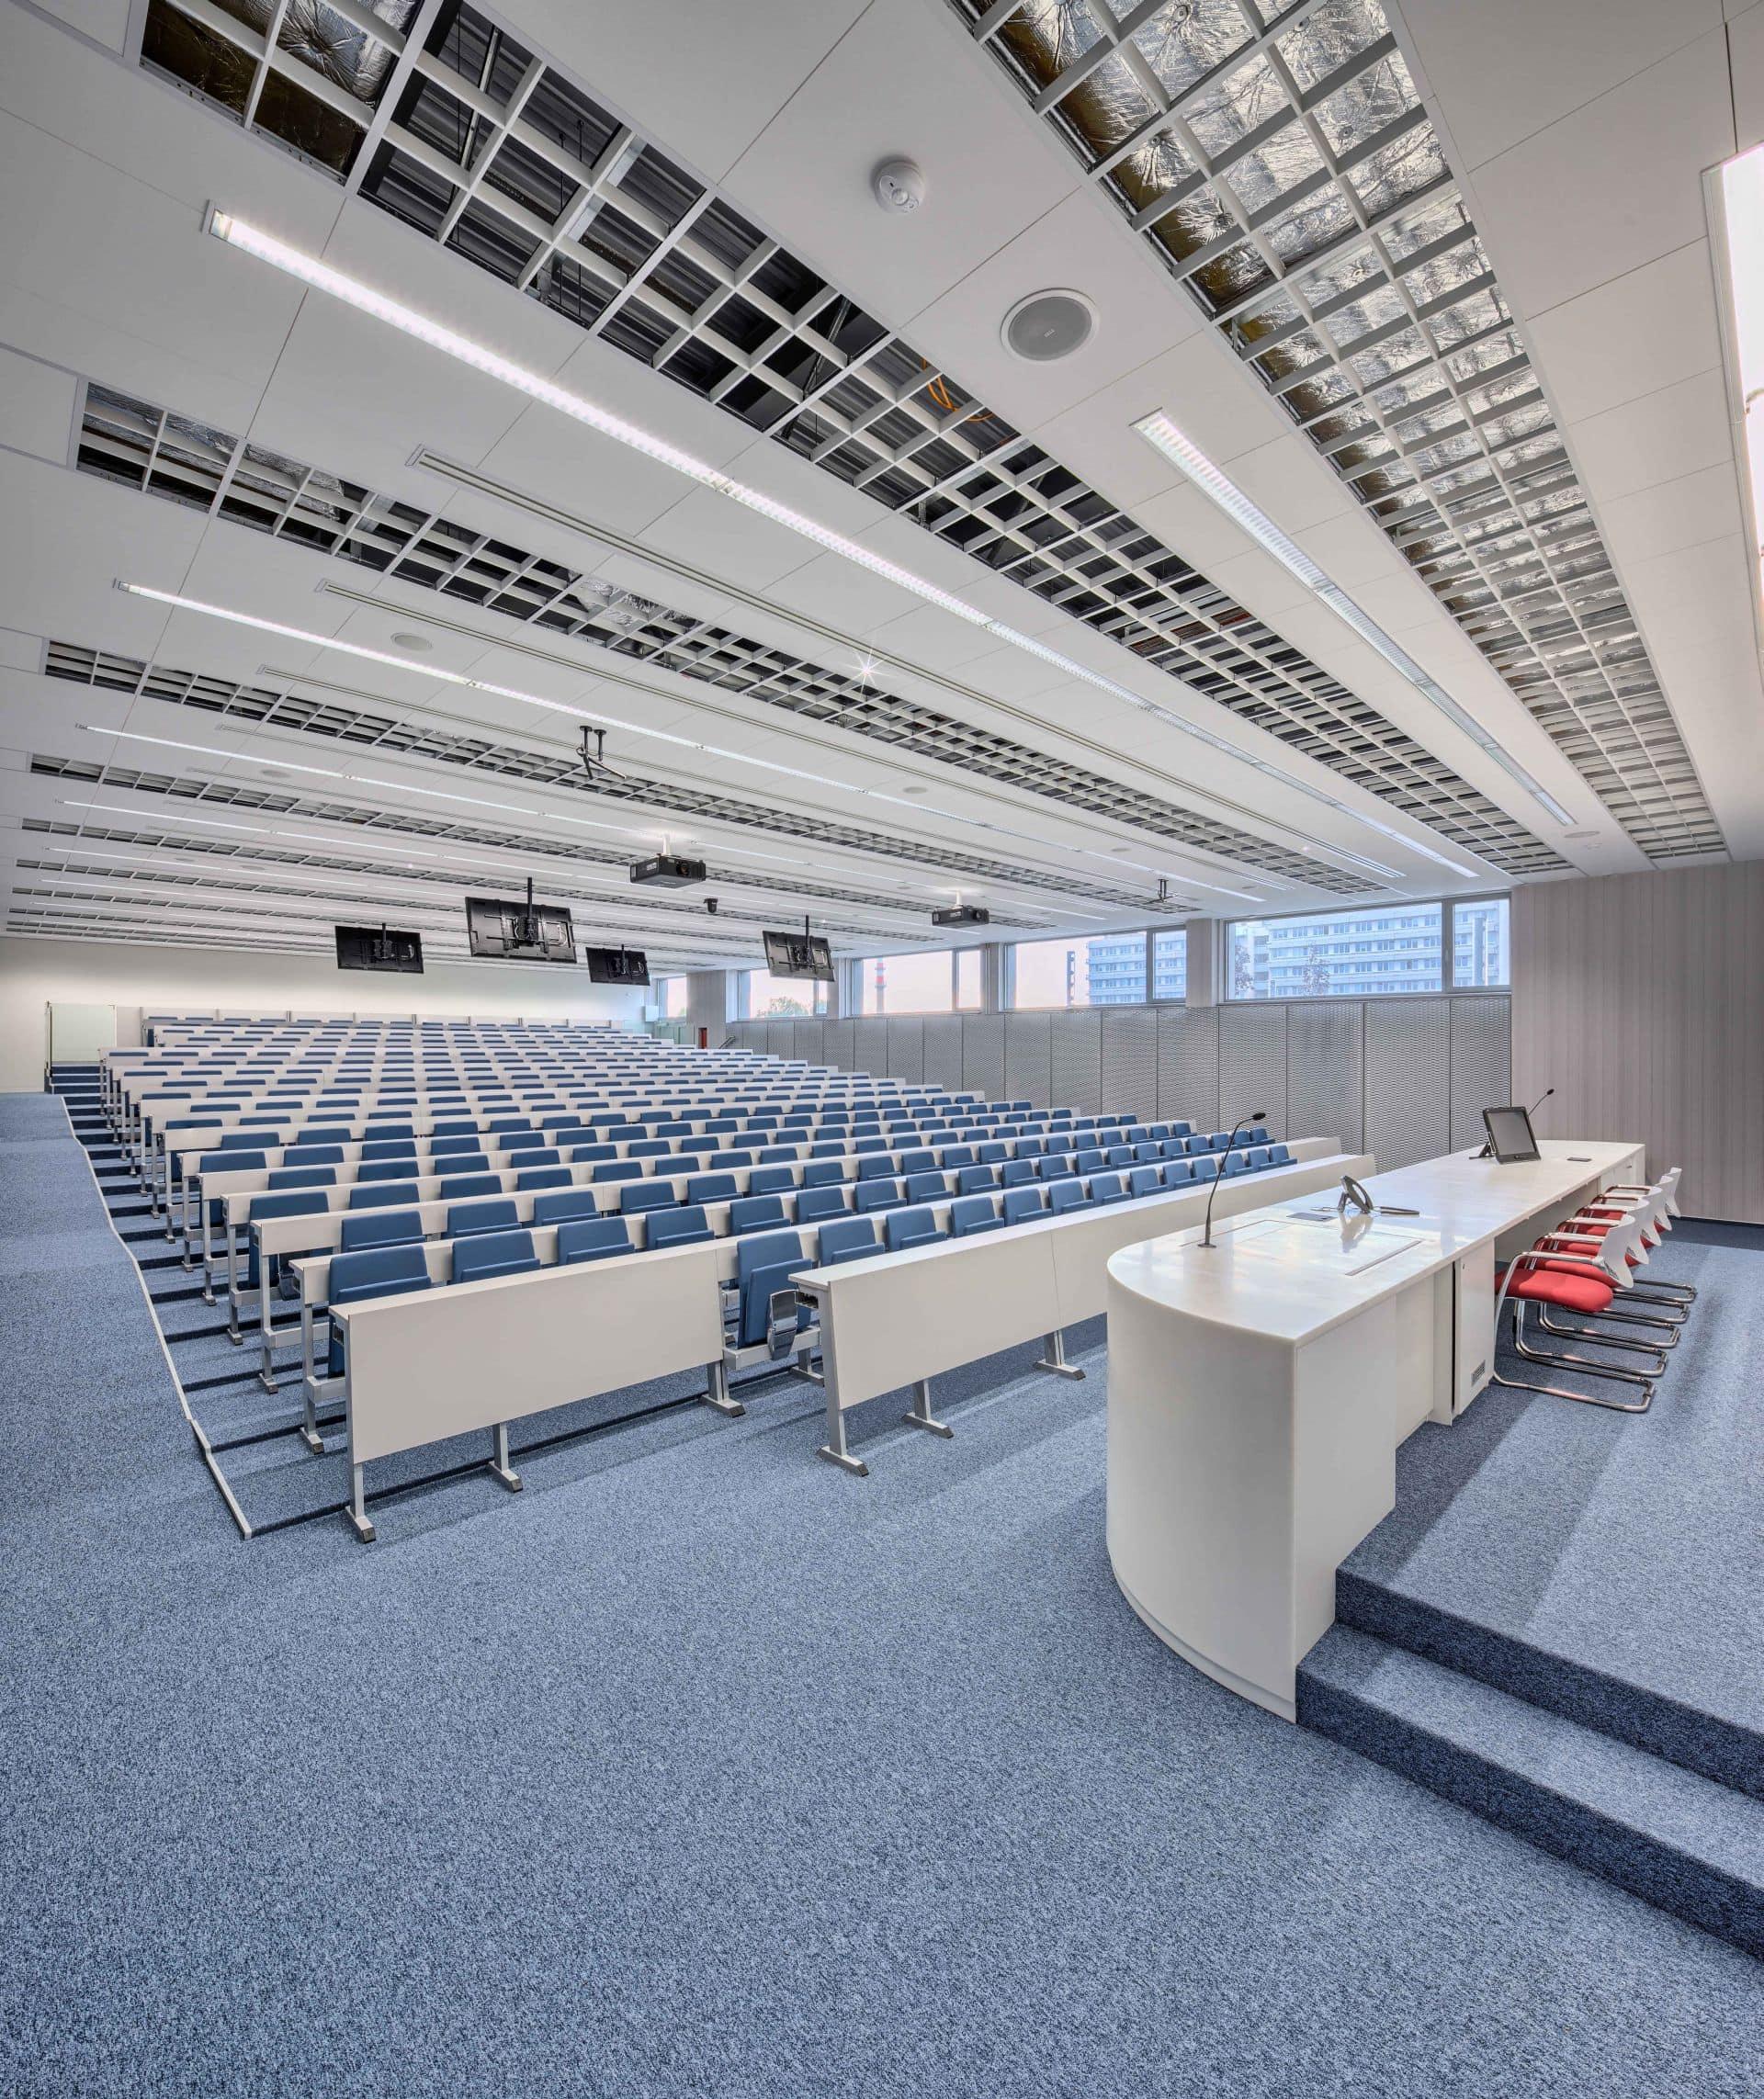 Ateneo 2.014, Universität Hradec Králové